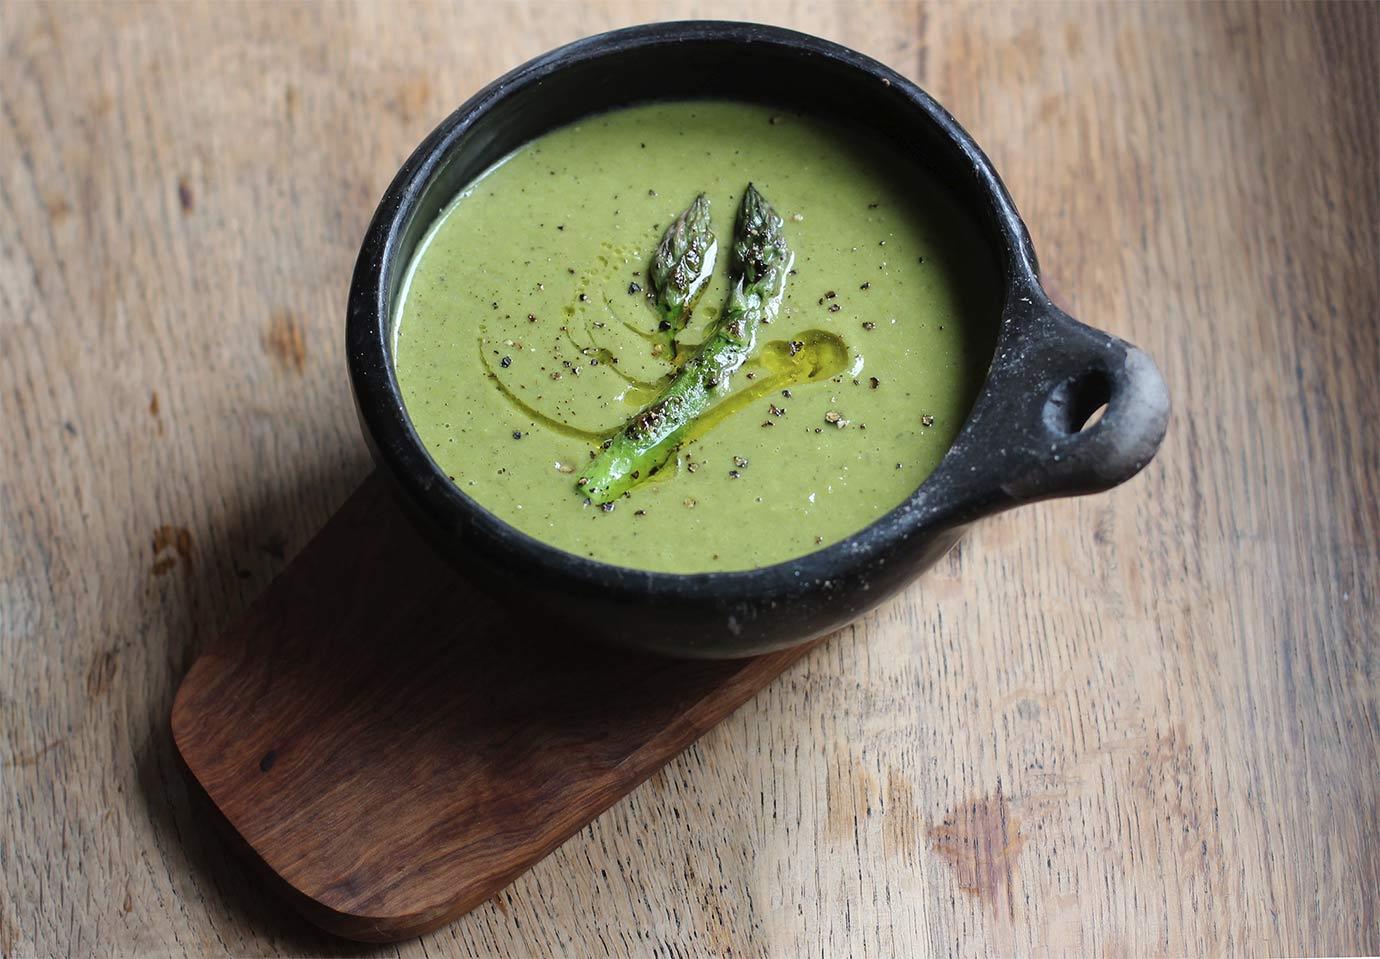 Asparagus pea soup - Harriet Emily